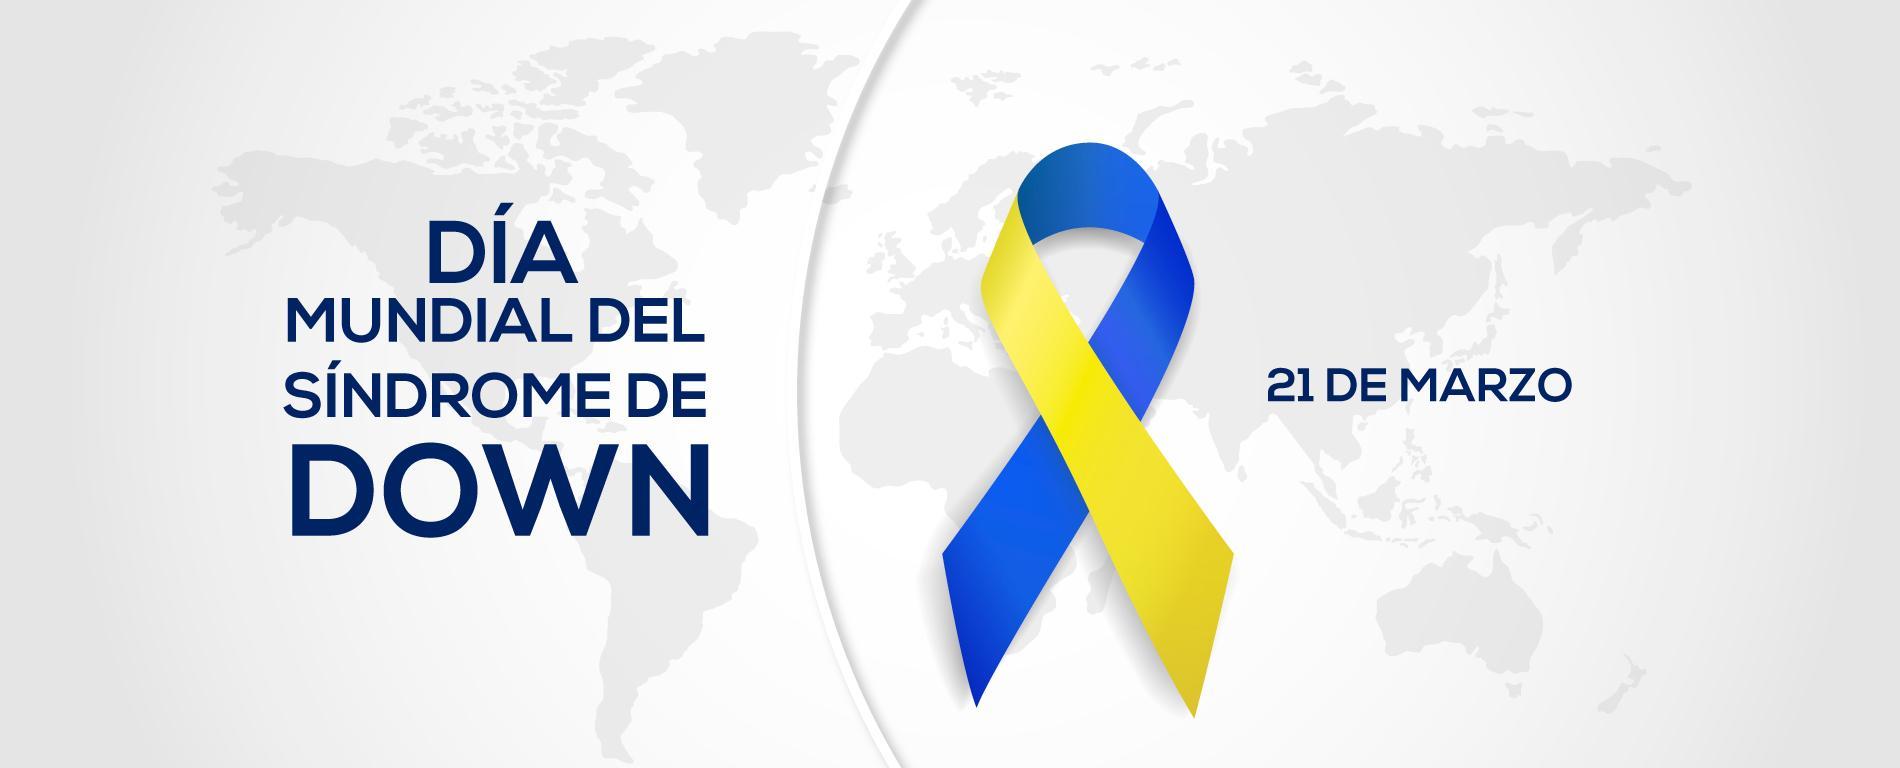 Día internacional del sindrome de down